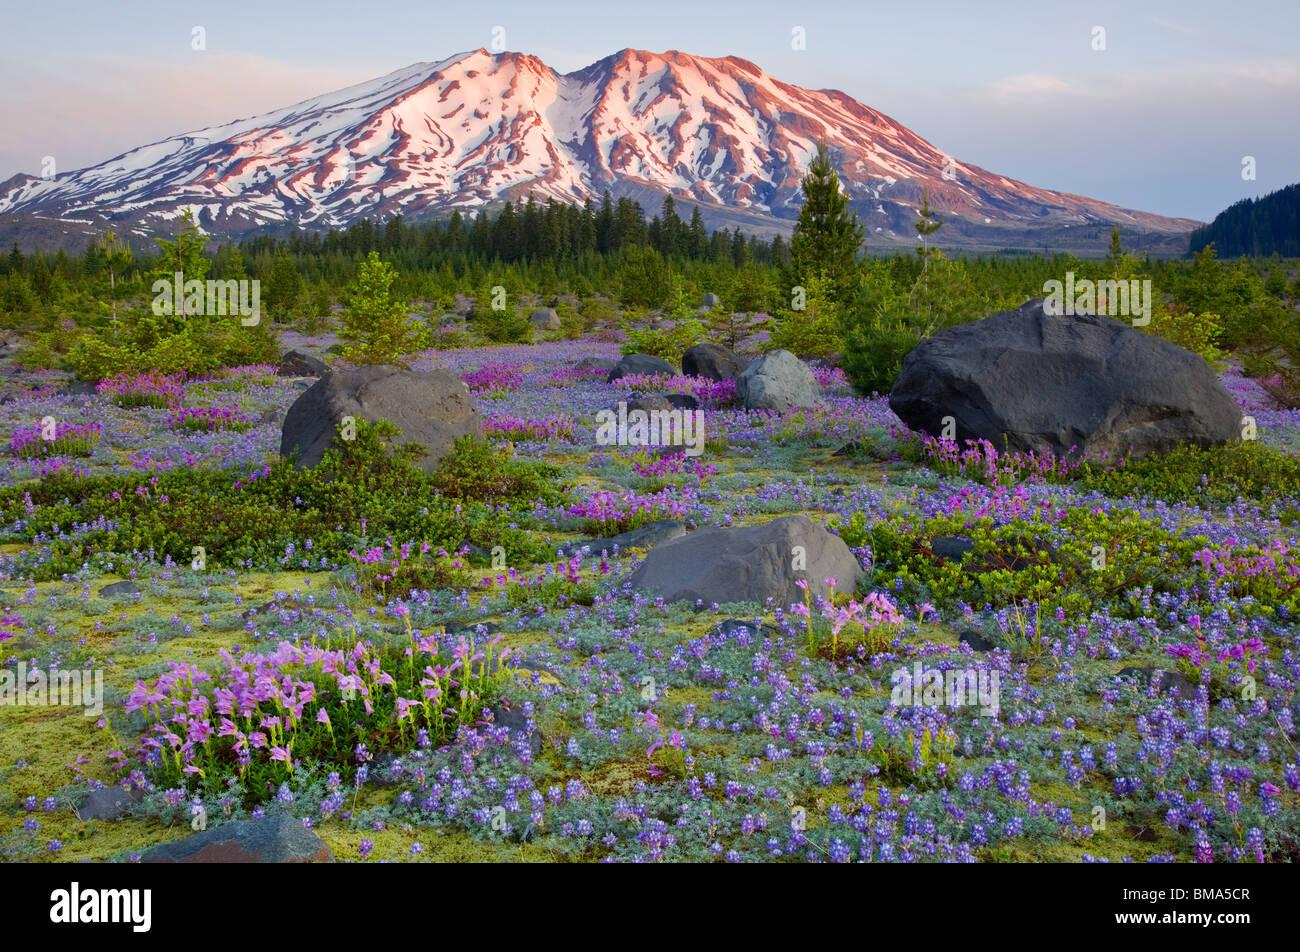 Mount Saint Helens WA, Monumento Nacional Volcánico Monte Santa Helena en el alba de una pradera de lupino y penstemon a lahares Foto de stock